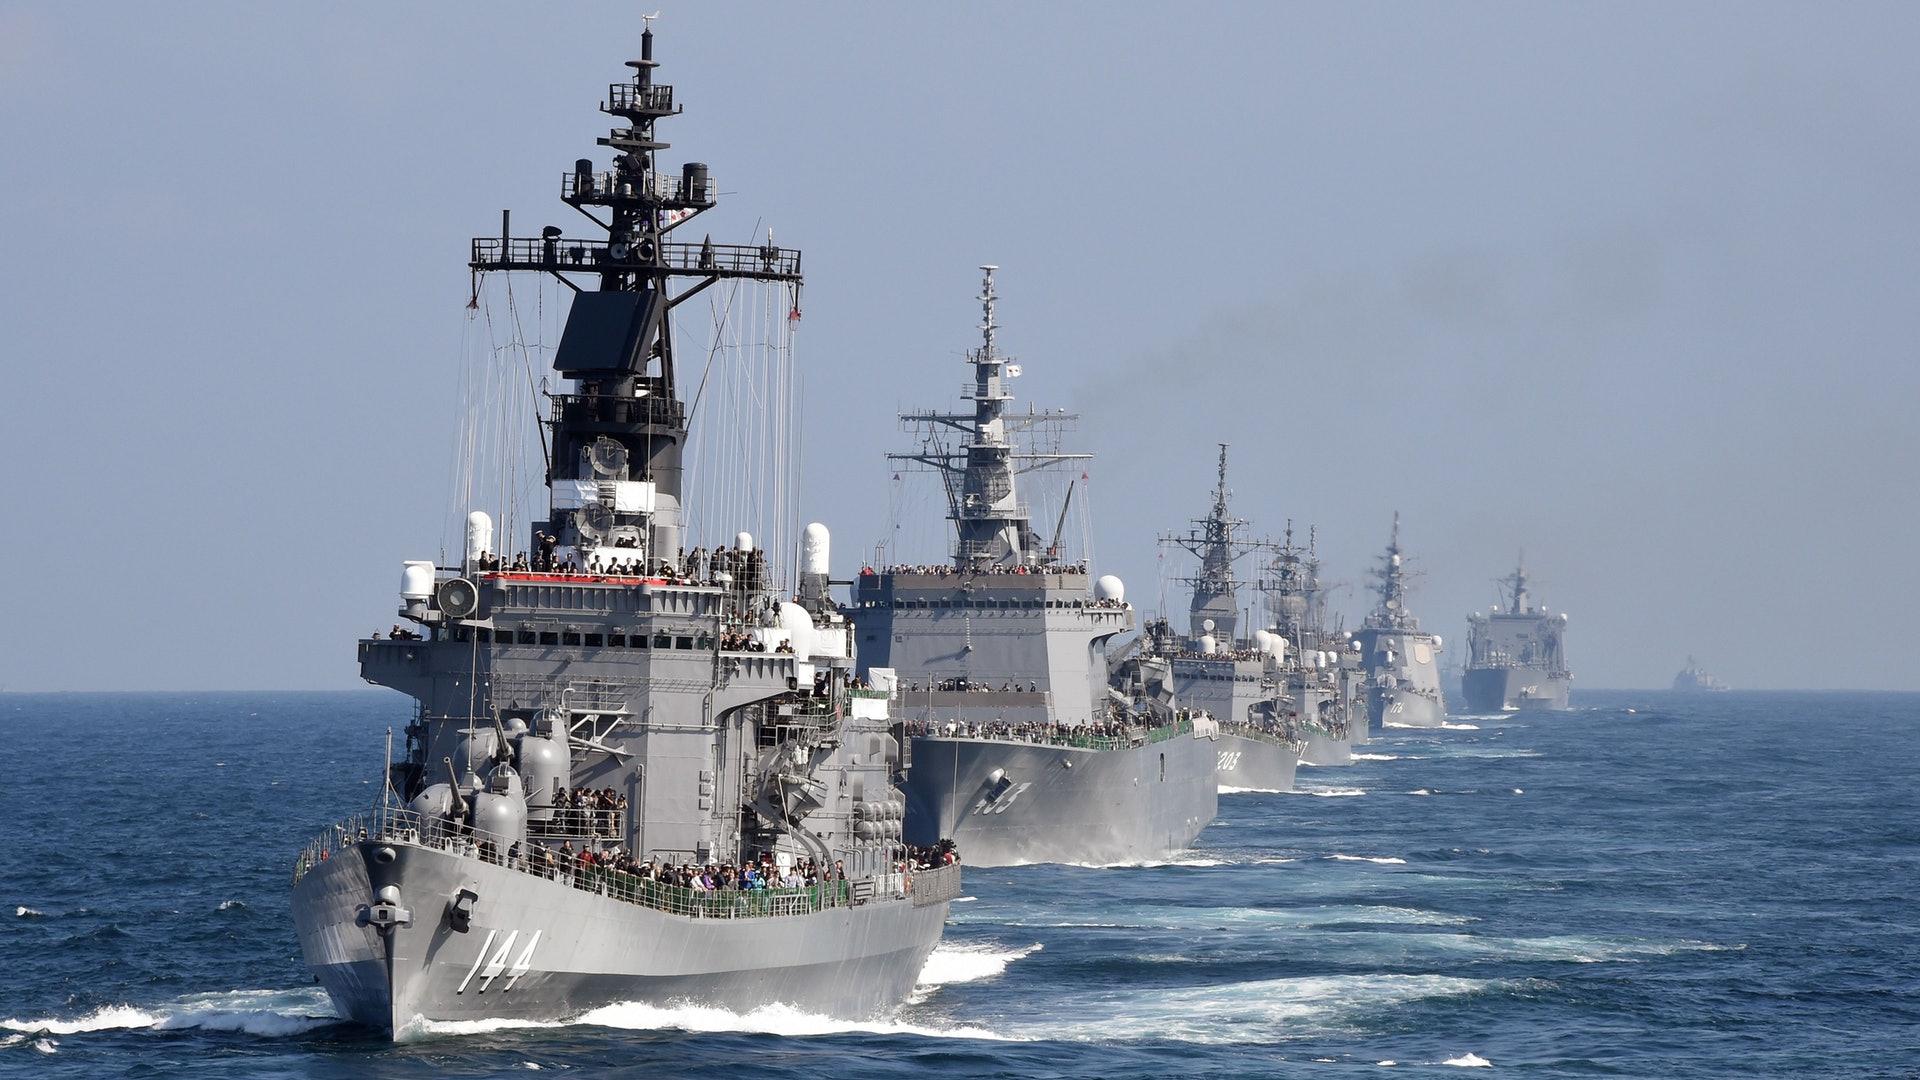 星期日專題 防衛省 大混帳 陰乾日本自衛隊冷戰裝備仍在用 香港01